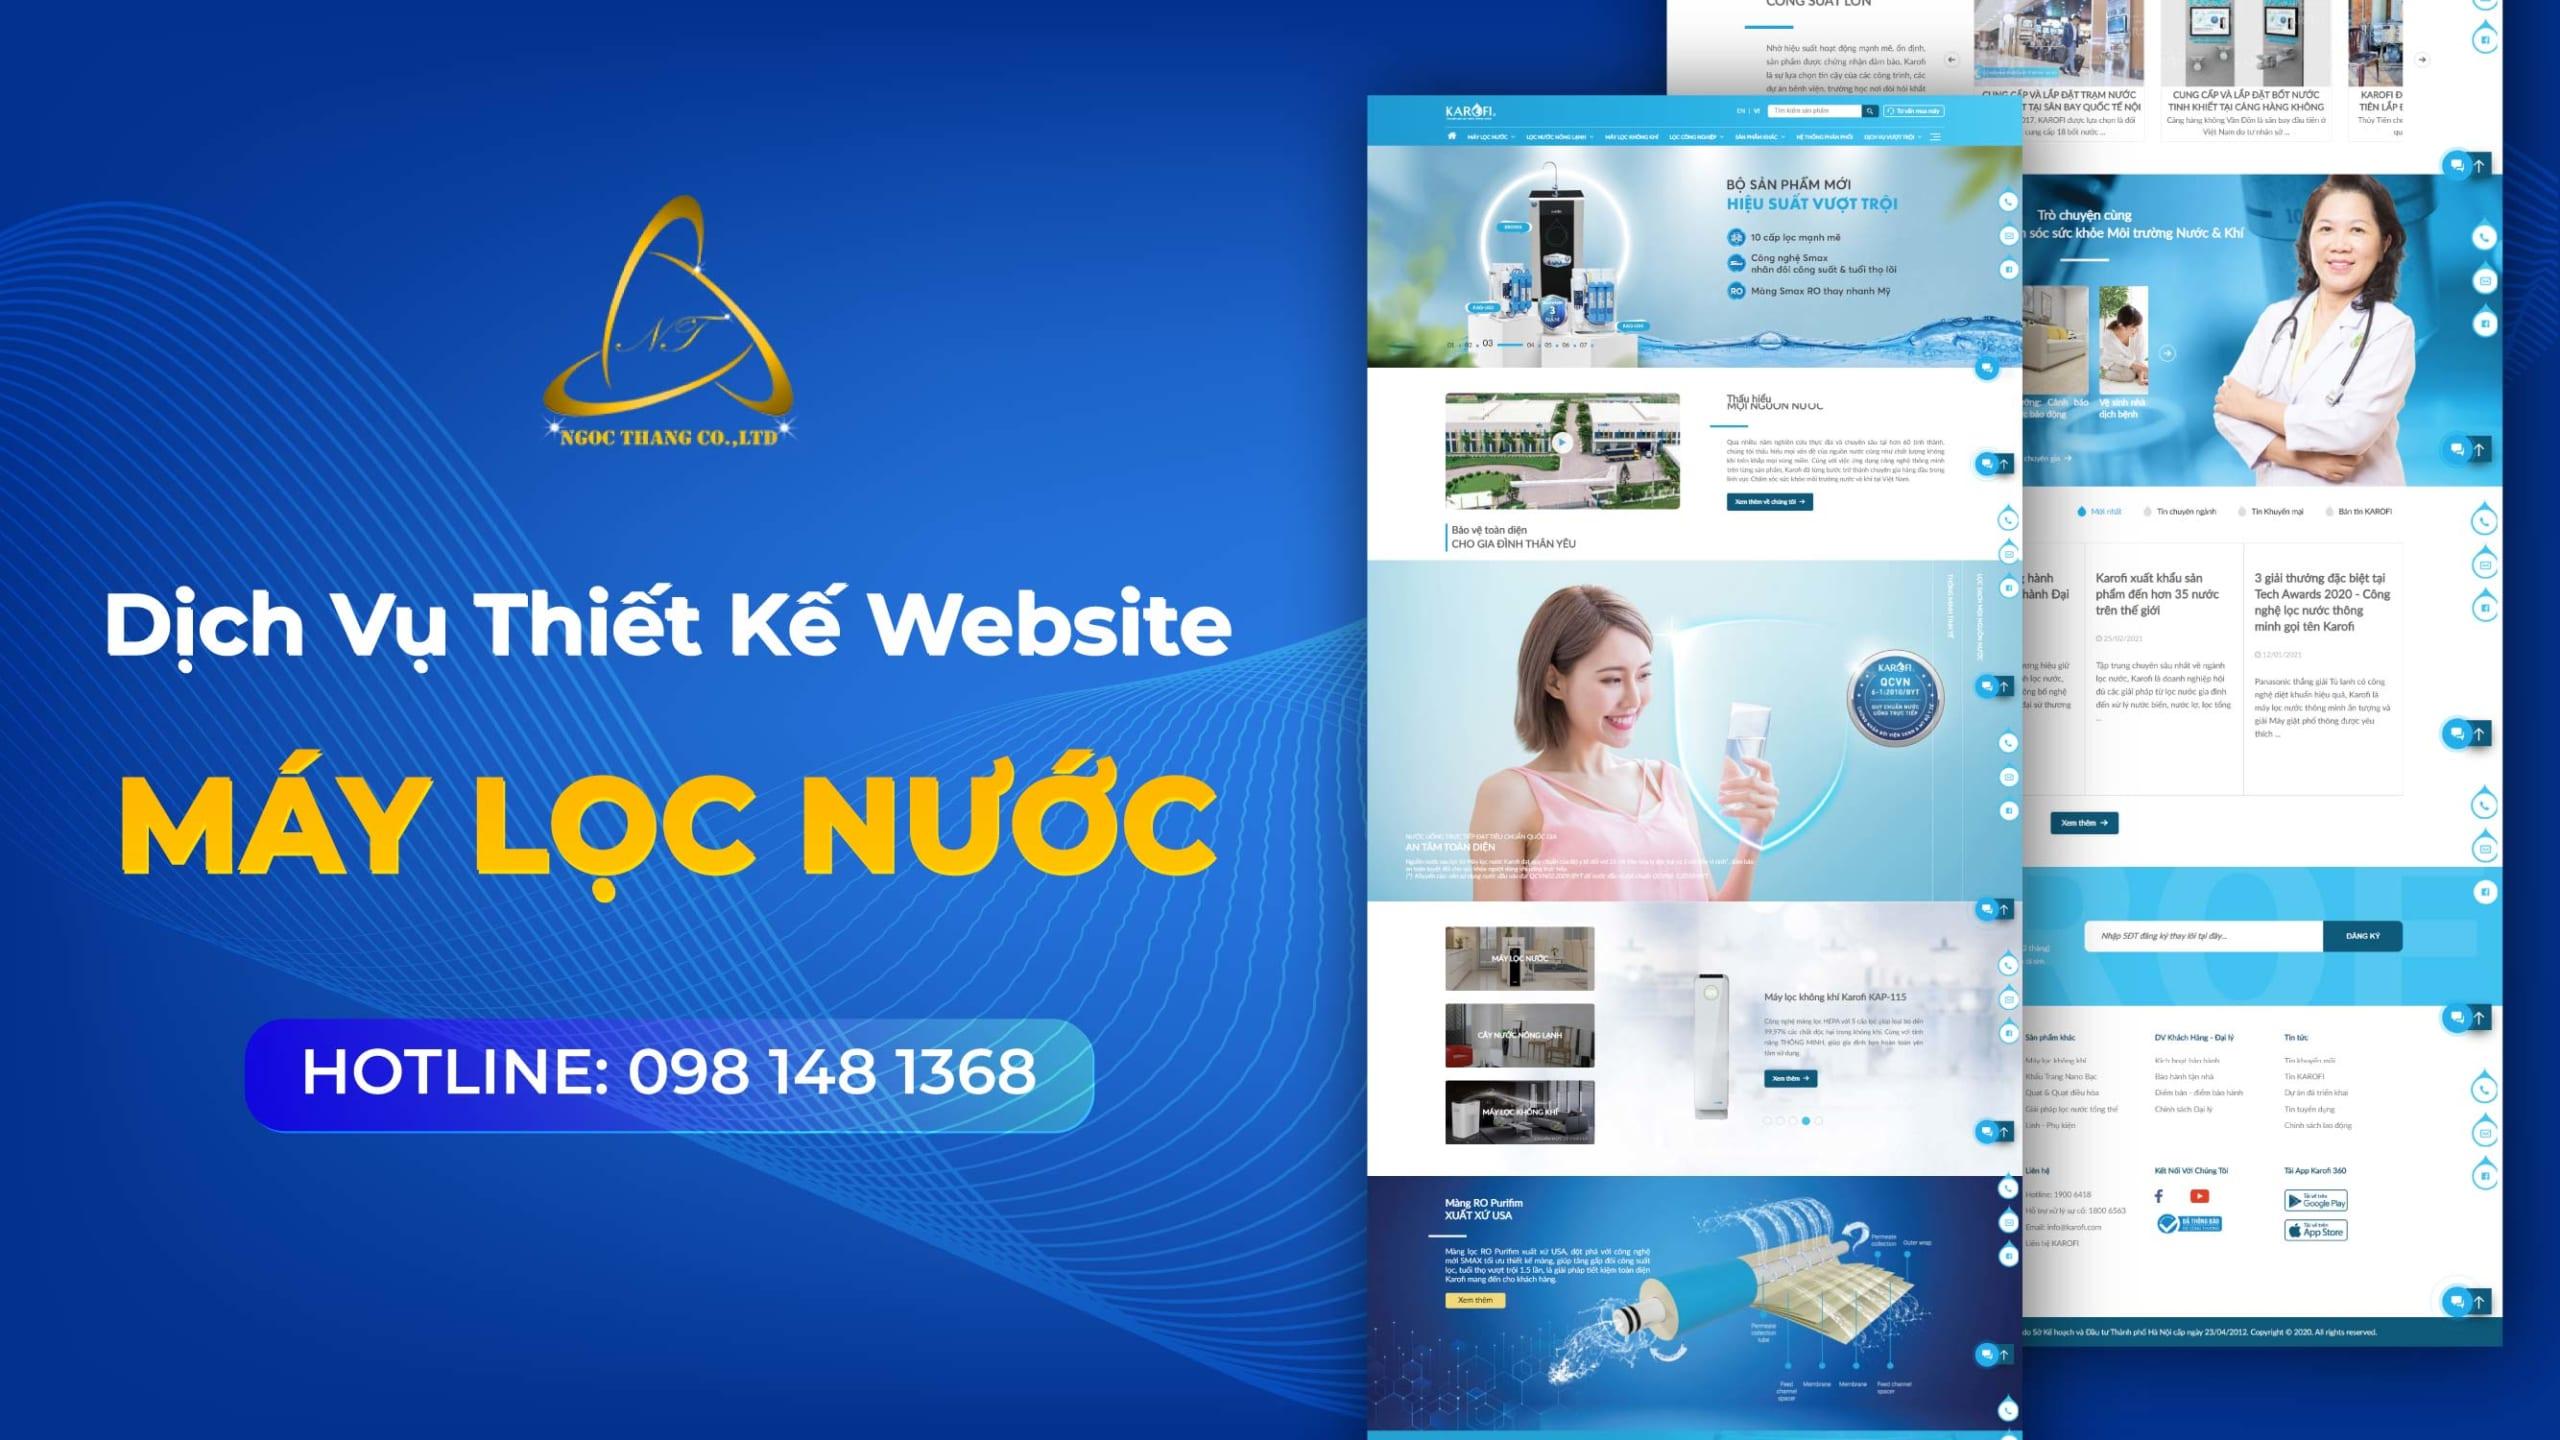 thiết kế website máy lọc nước